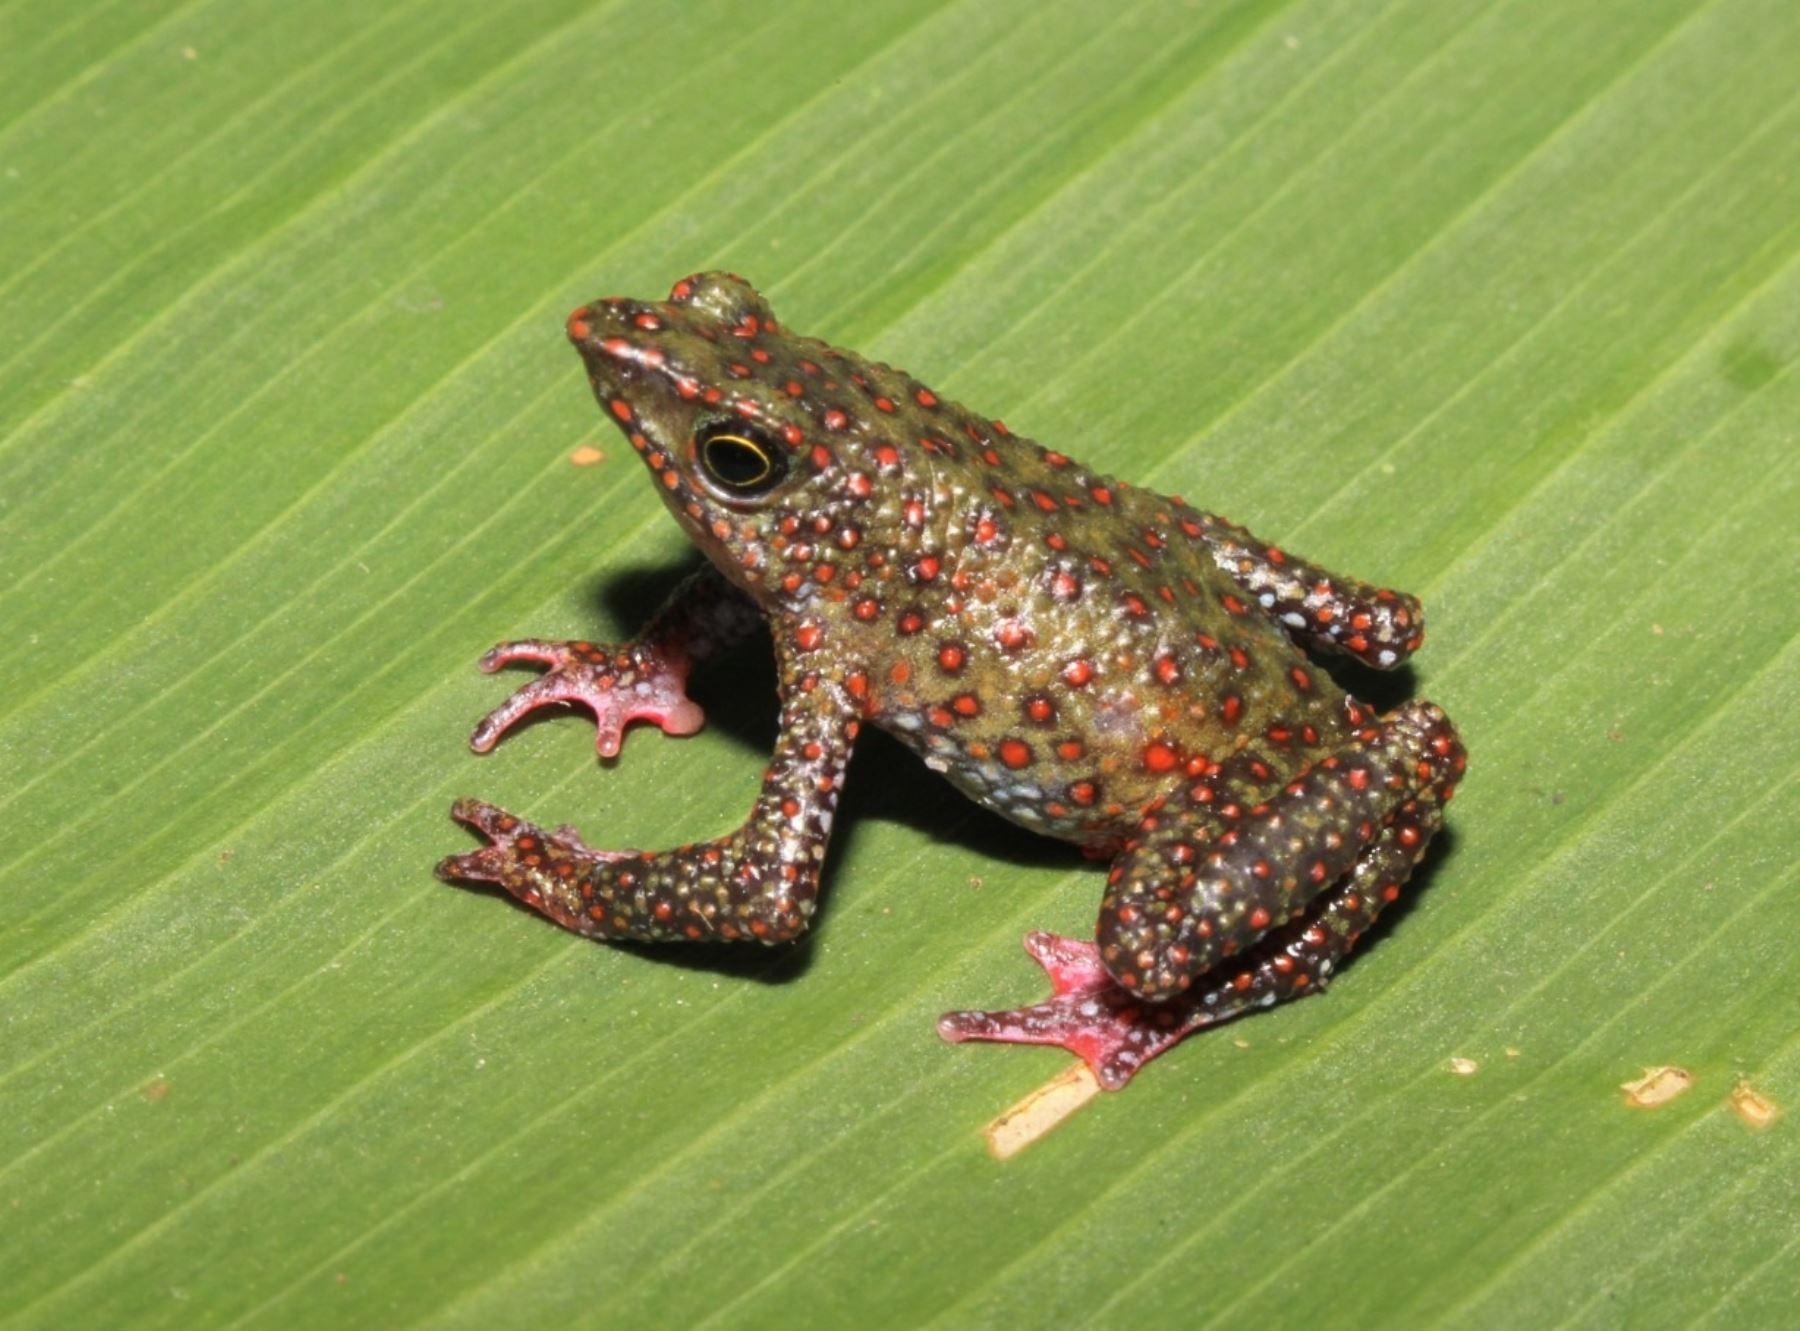 Científicos peruanos descubren una nueva especie de rana arlequín en los bosques nublados de Ayacucho, en la zona del Vraem. Foto: Vladimir Díaz